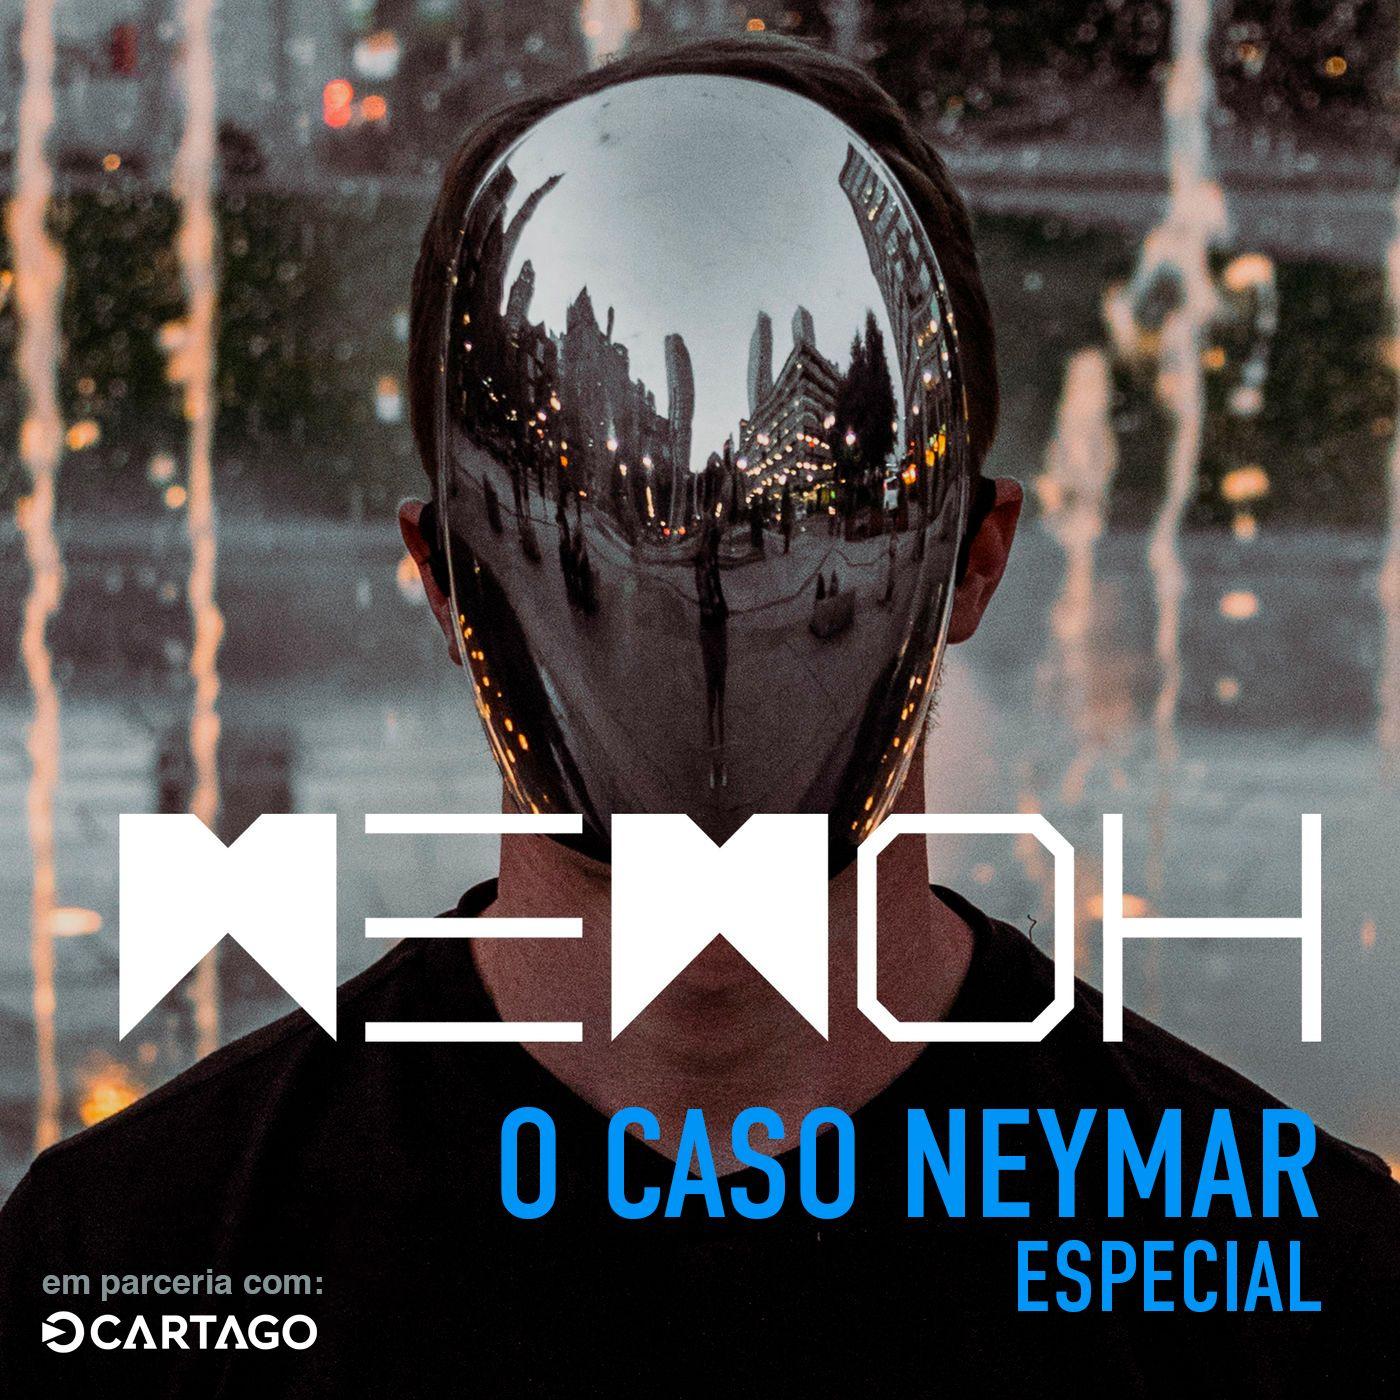 Especial: O Caso Neymar